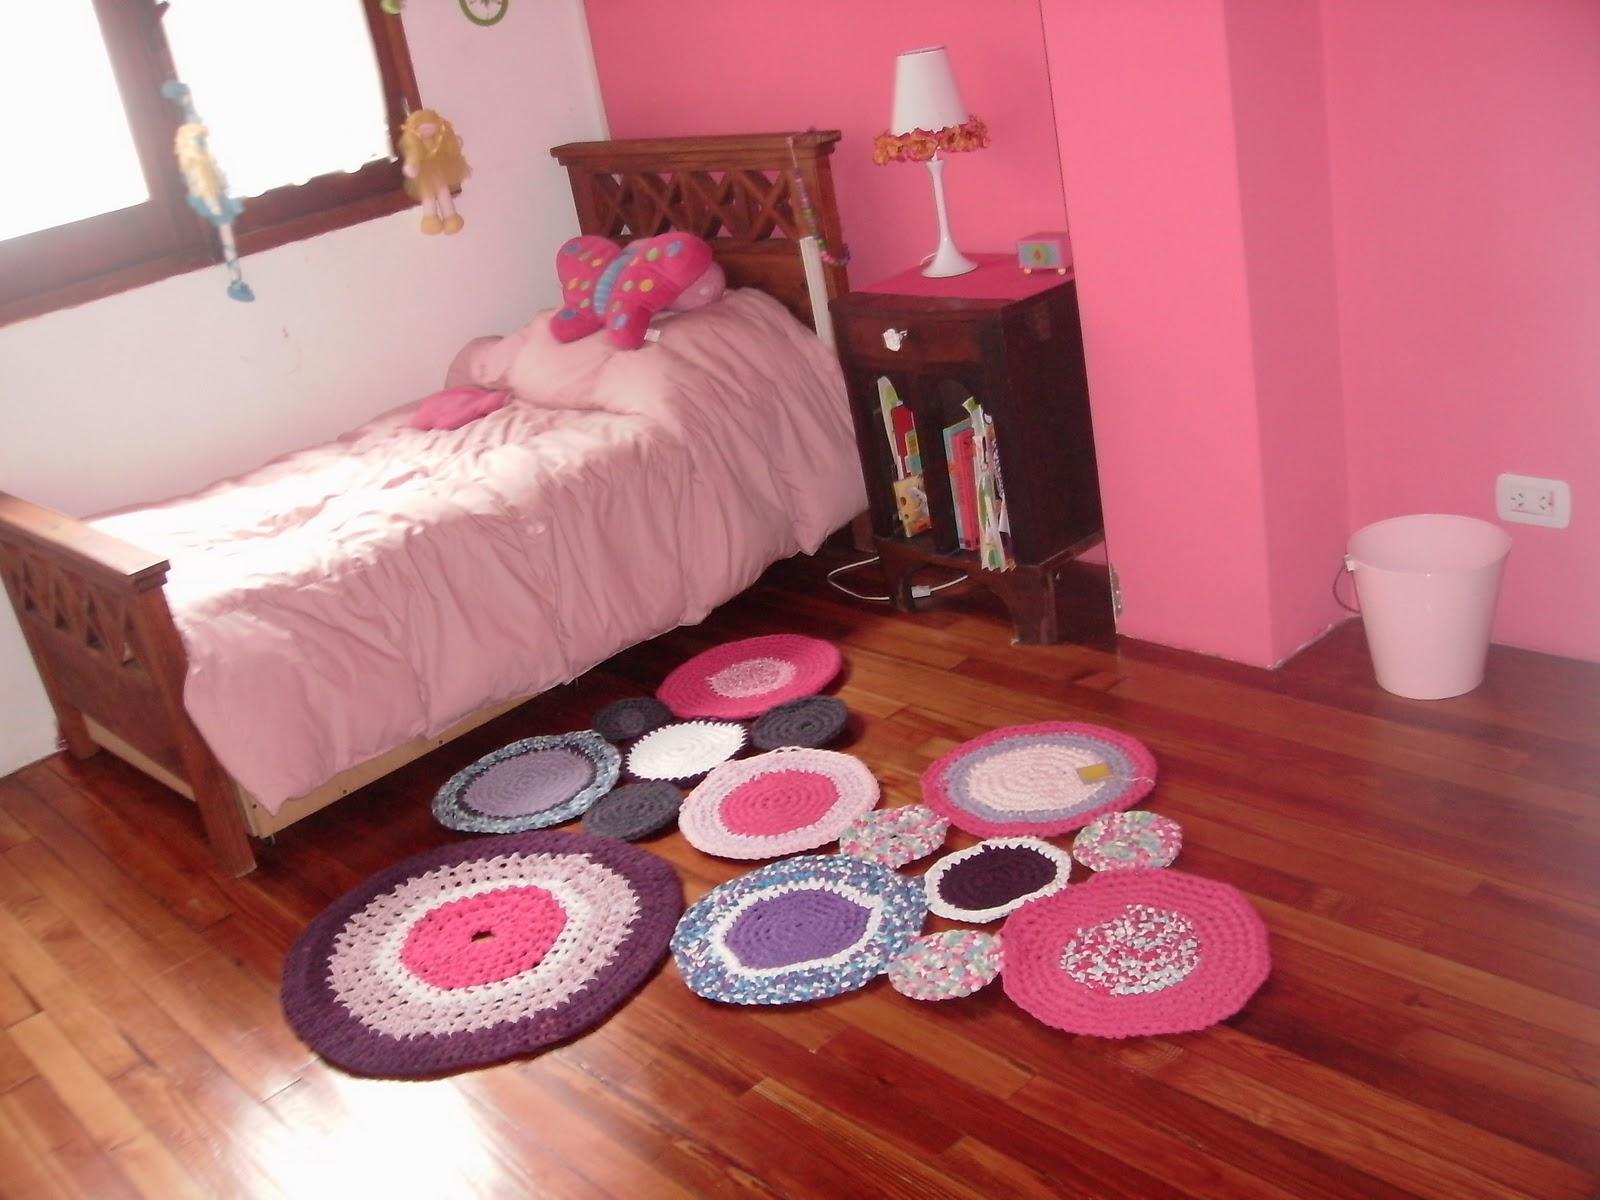 Vicentina complementos vicentina te propone alfombras - Alfombras tejidas a mano ...